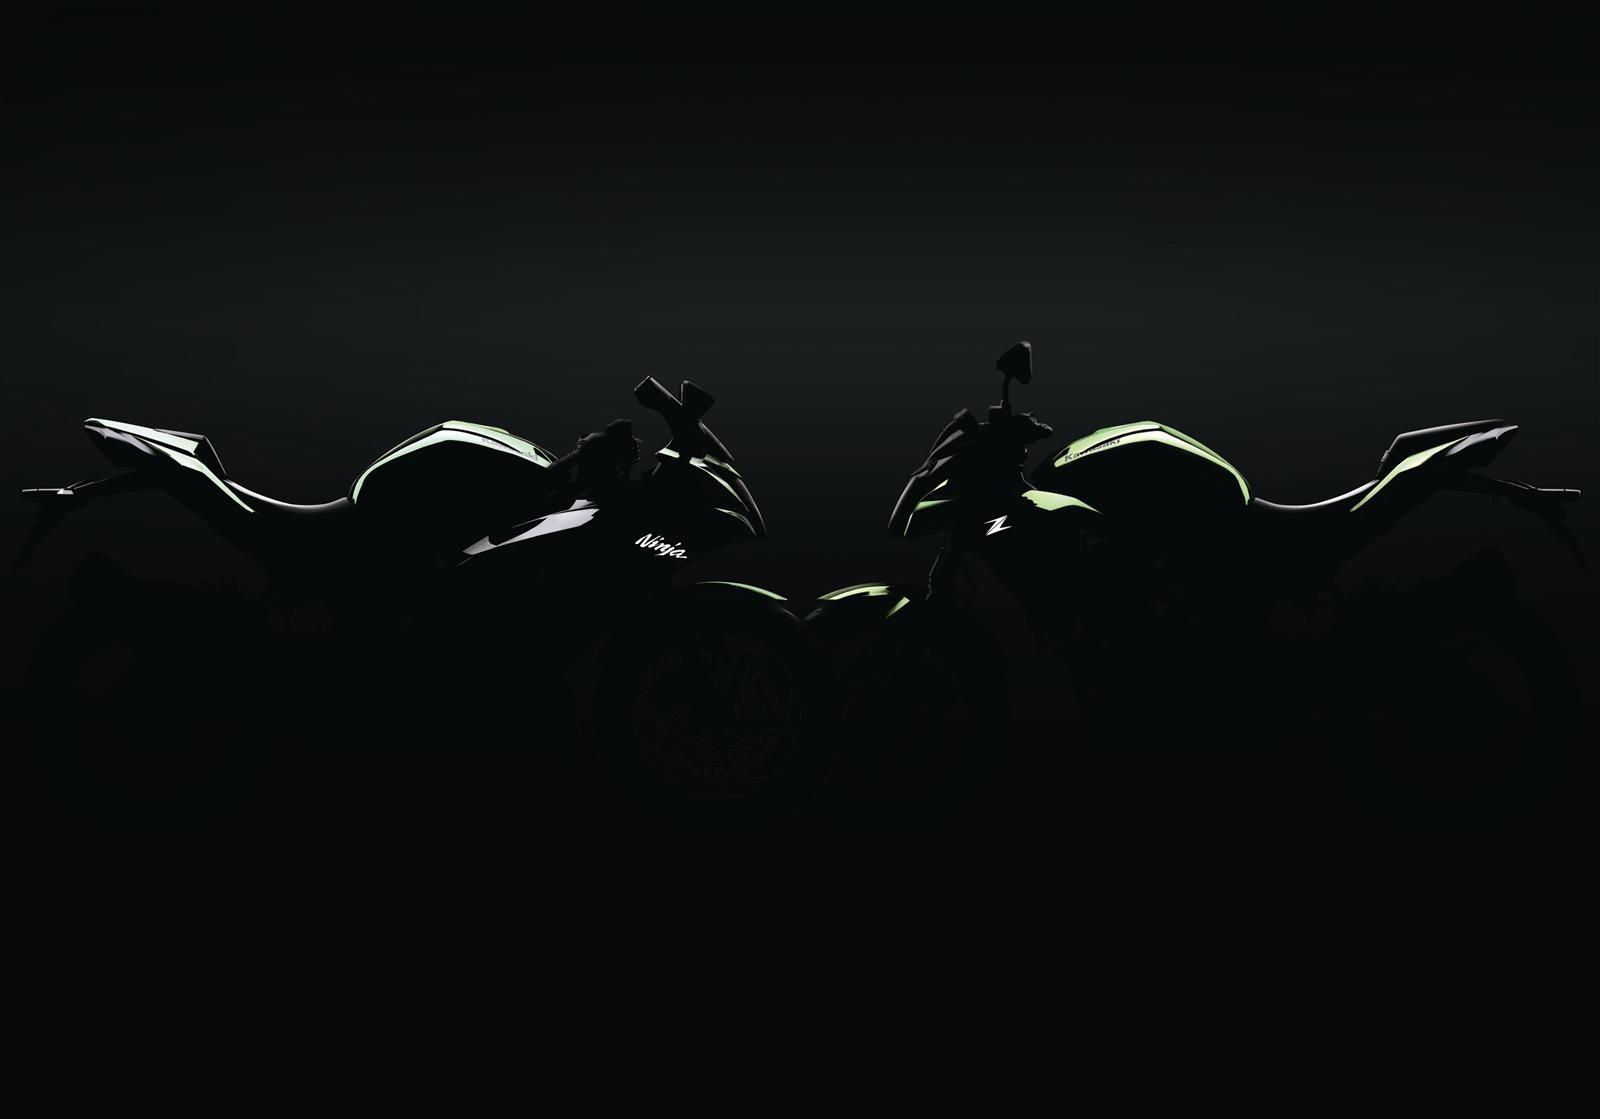 nouveaut 2018 kawasaki annonce deux 125 cm3. Black Bedroom Furniture Sets. Home Design Ideas